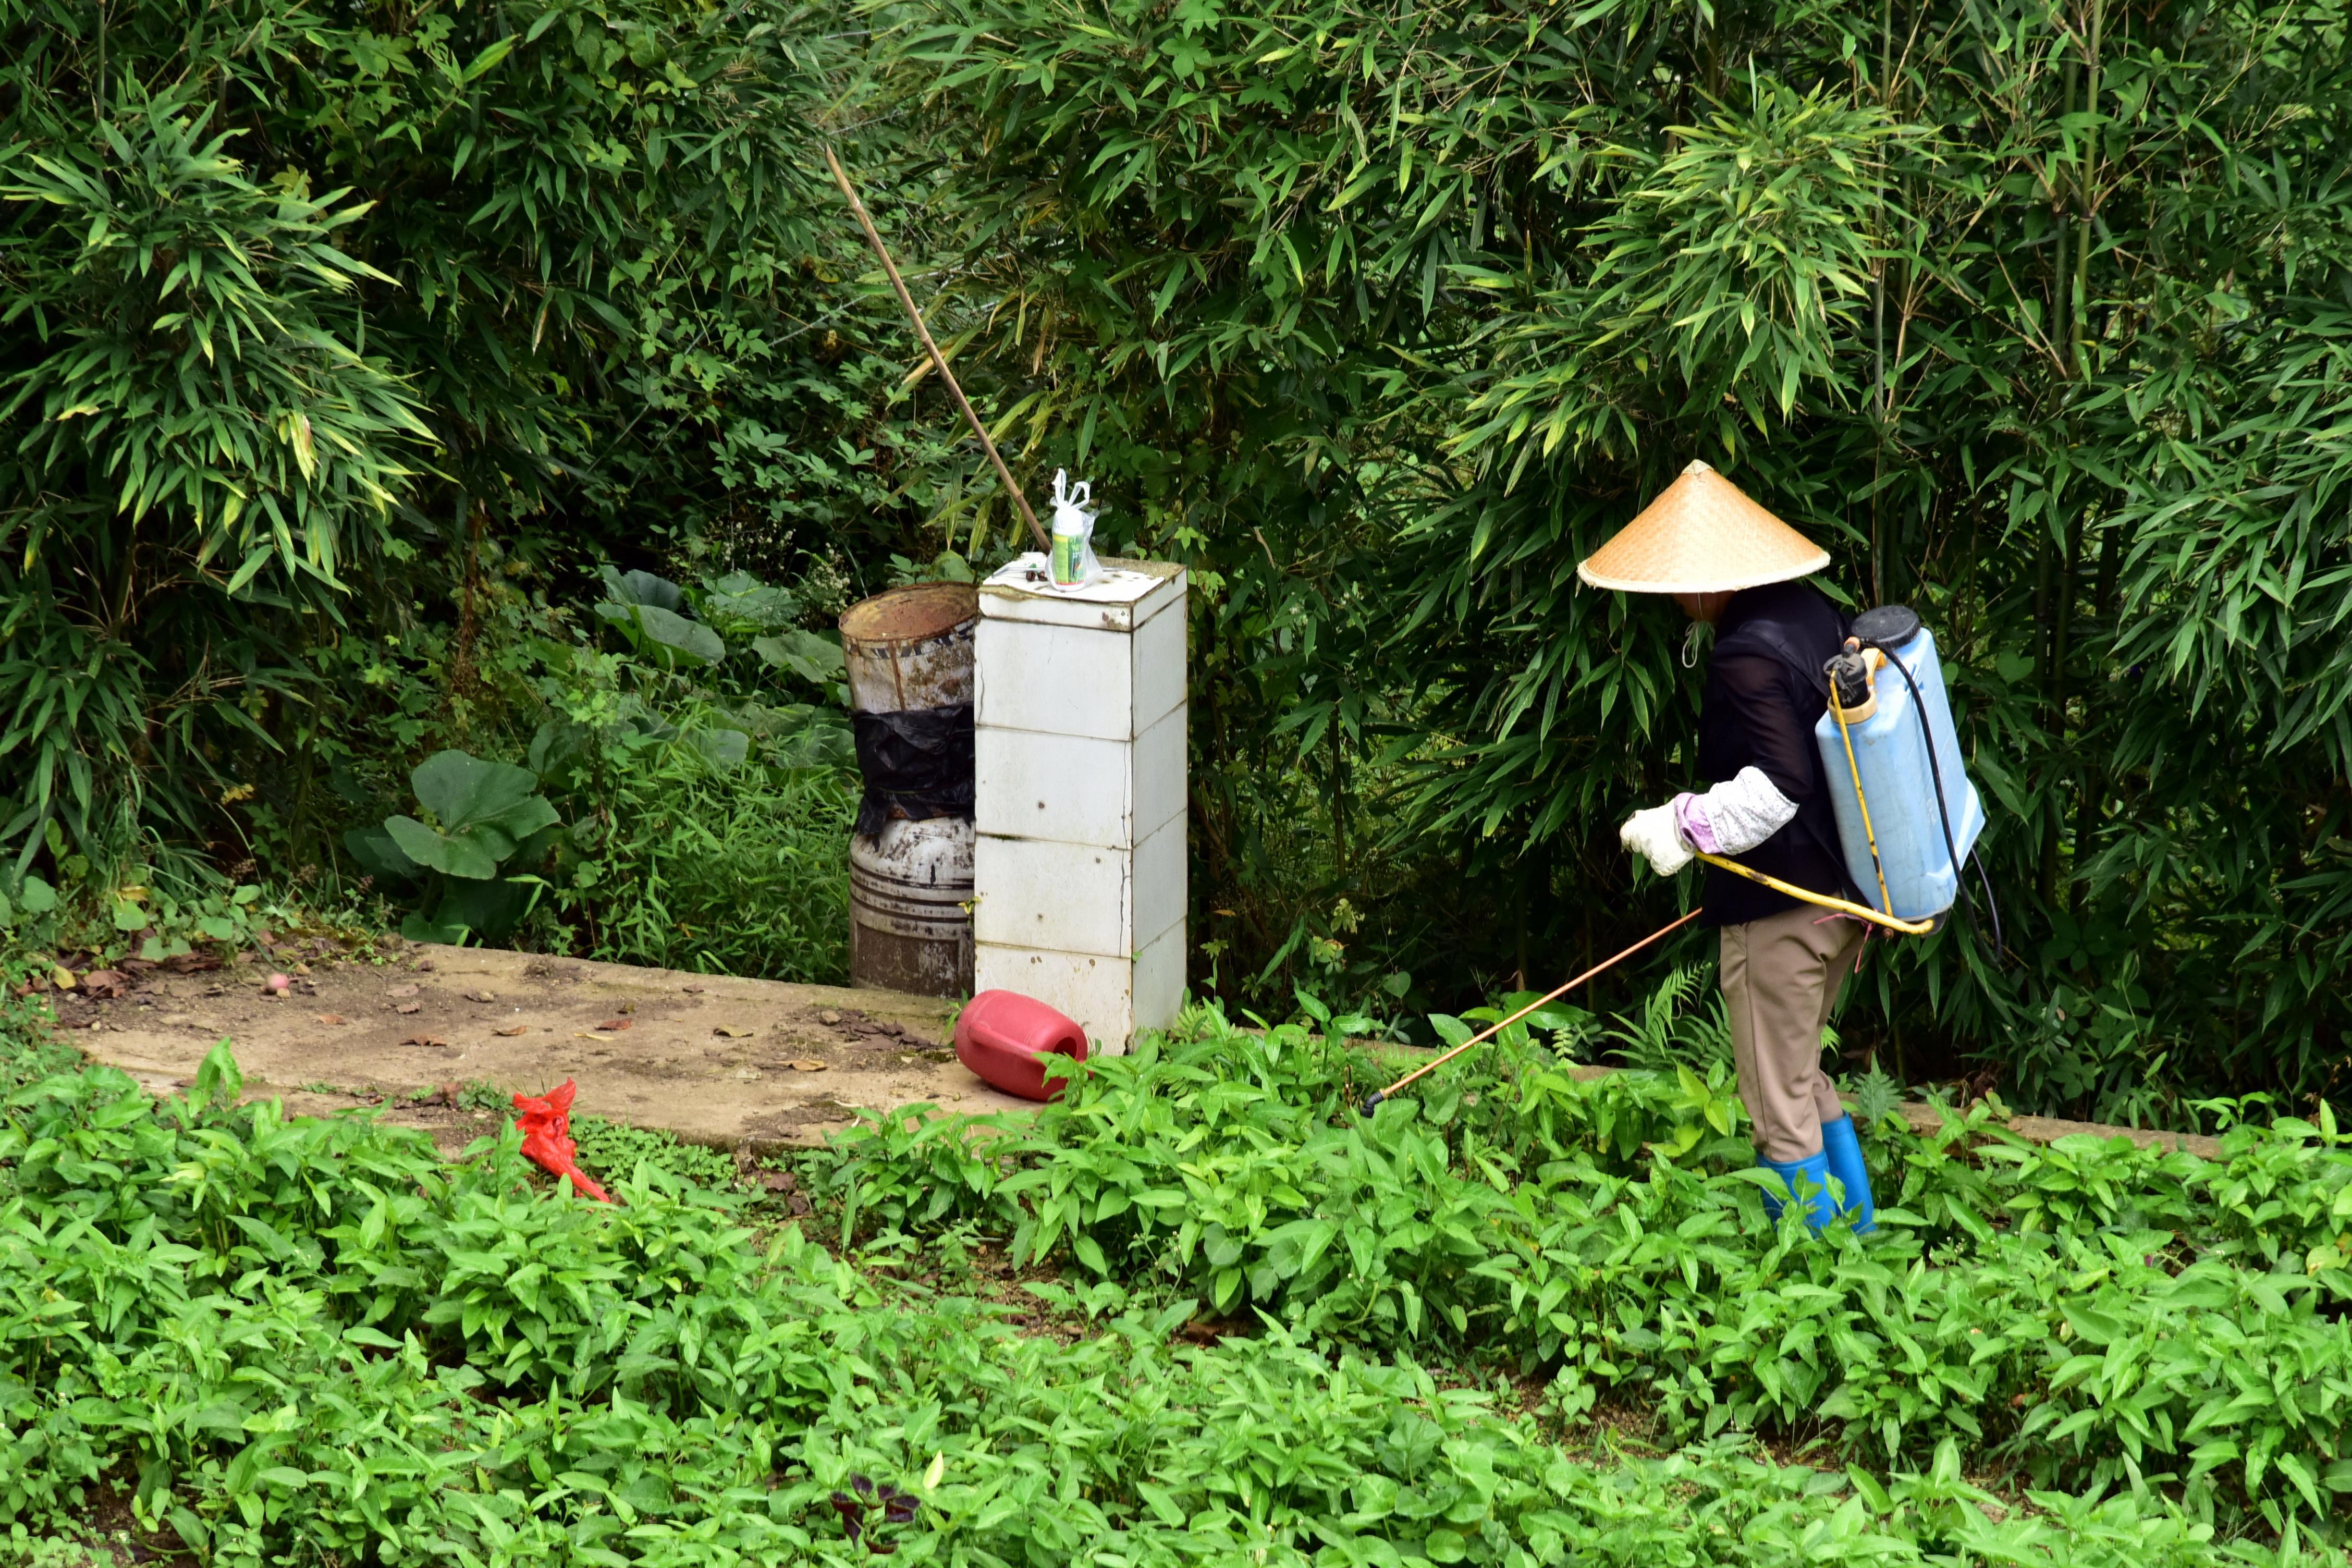 我國許多地區化肥農藥使用量較多,多數作物的畝均用量高於發達國家的平均水平。攝影/章軻